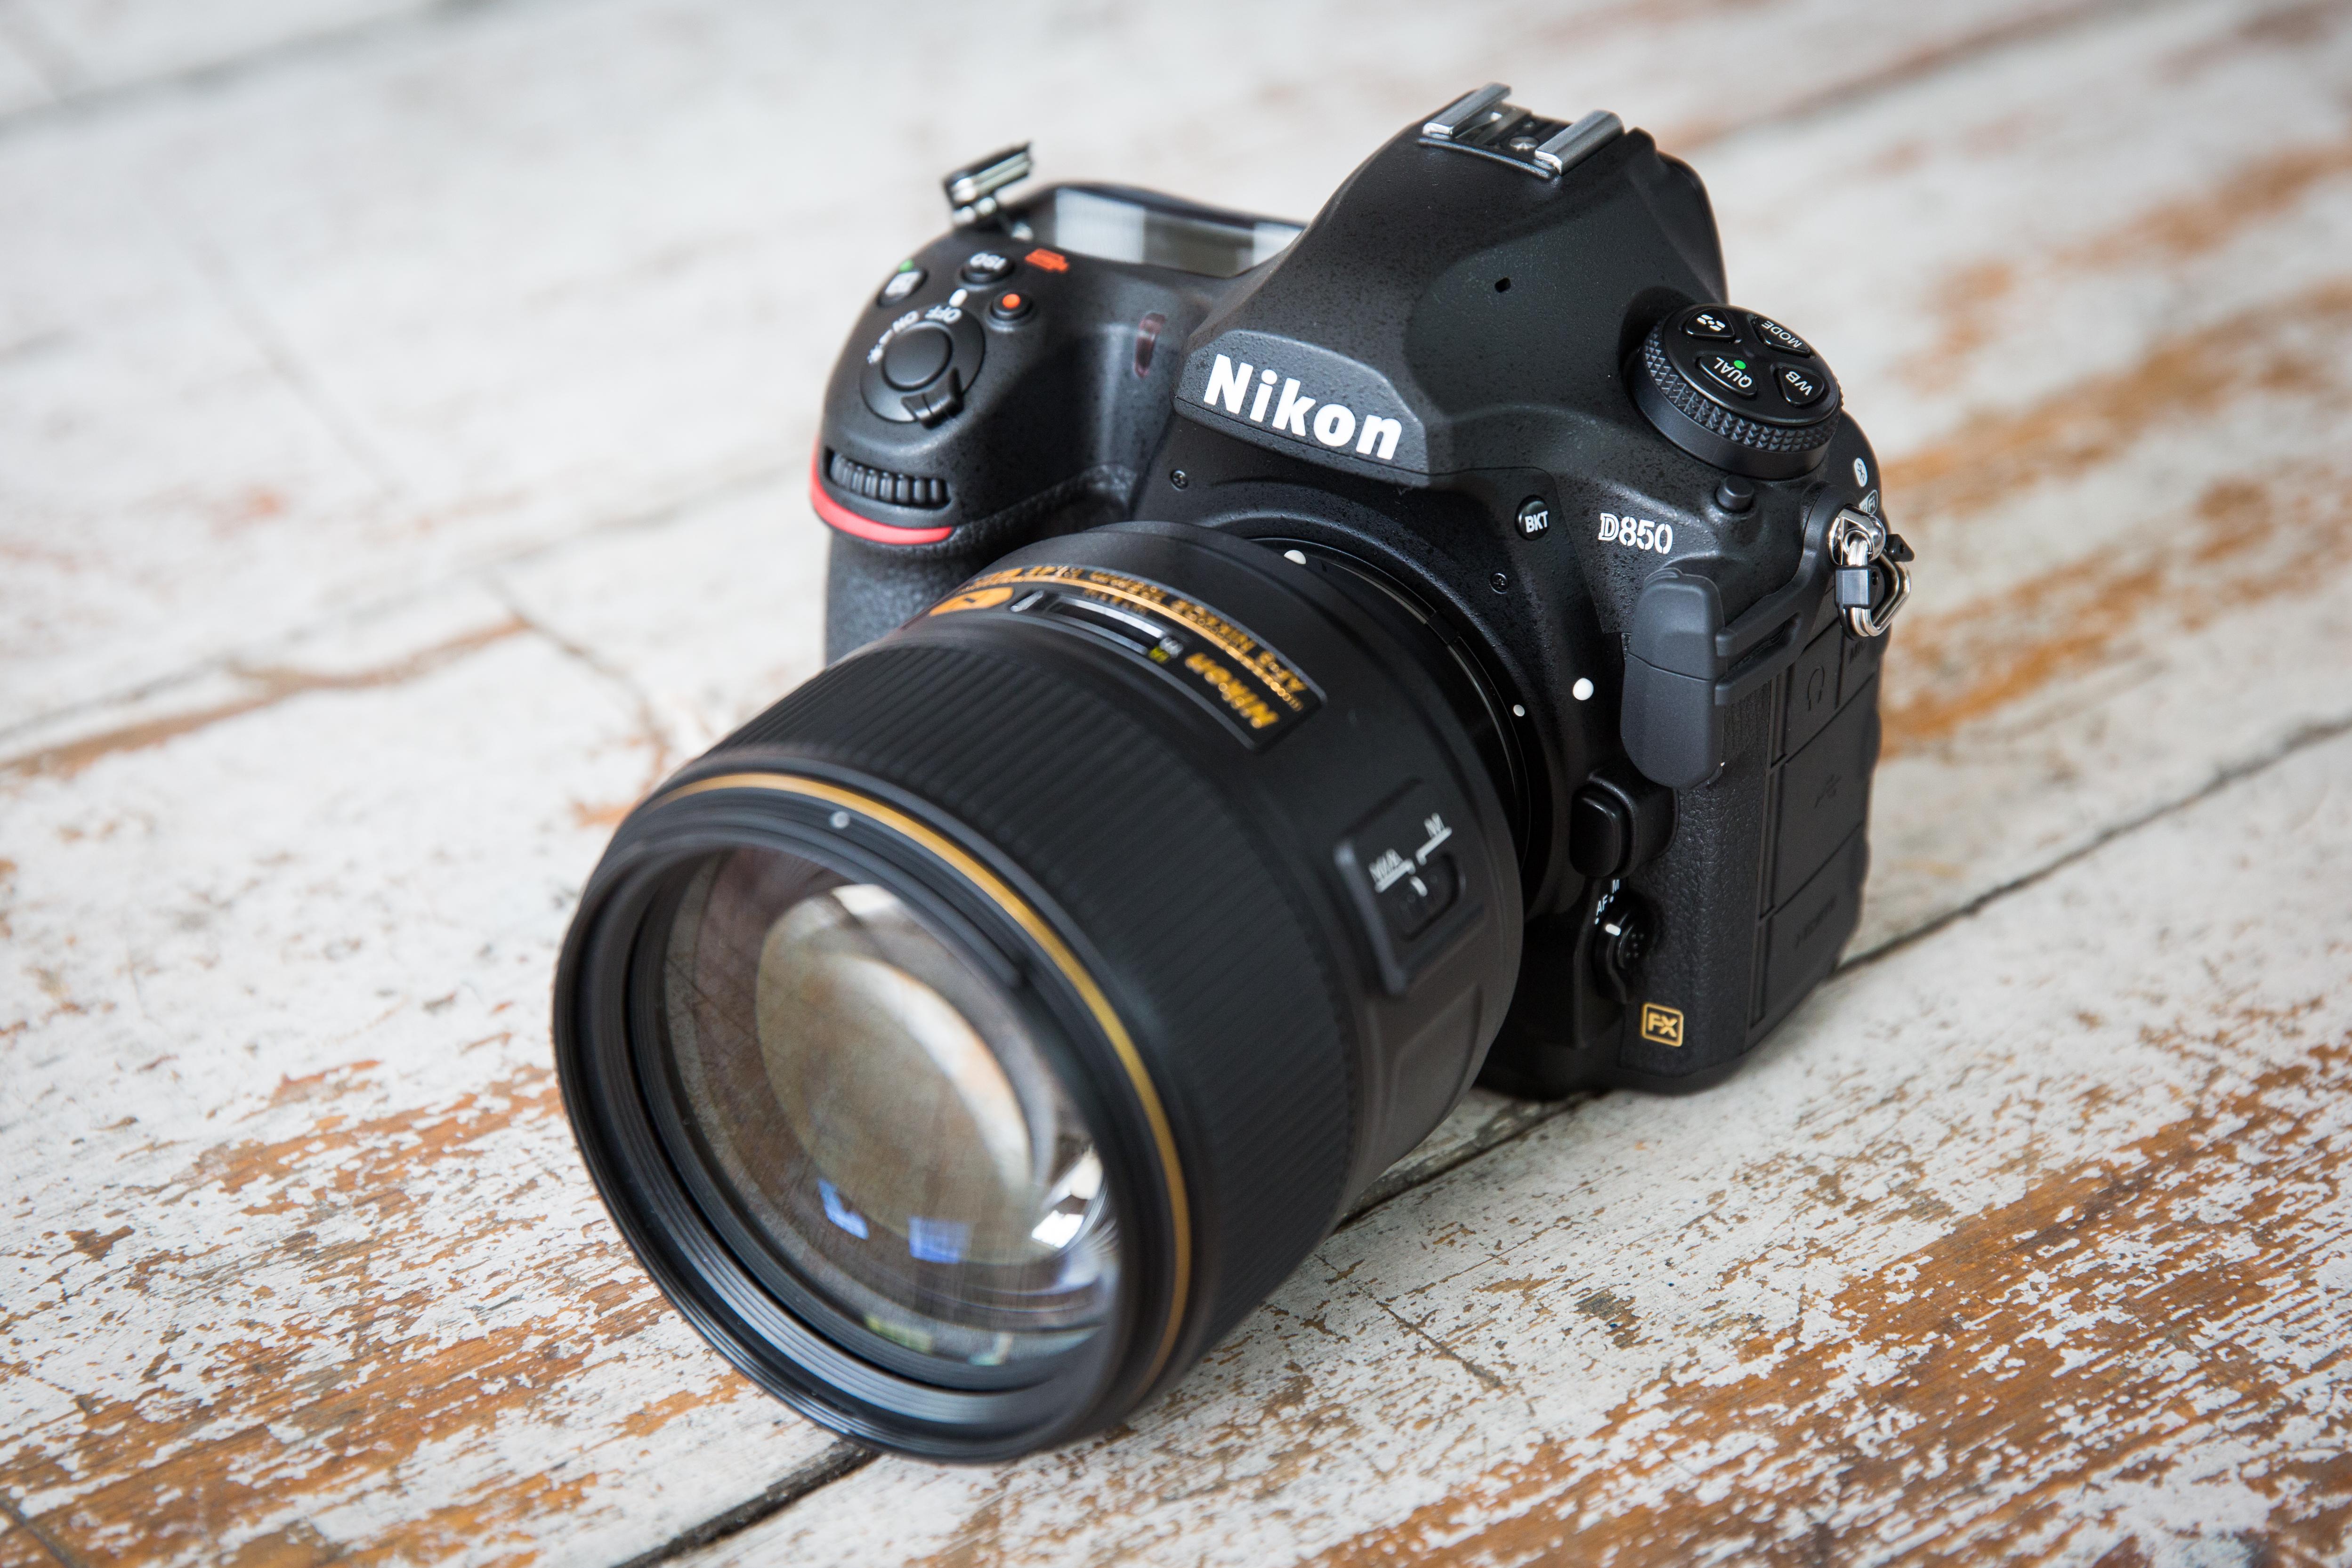 Meilleur reflex numérique: Nikon D850